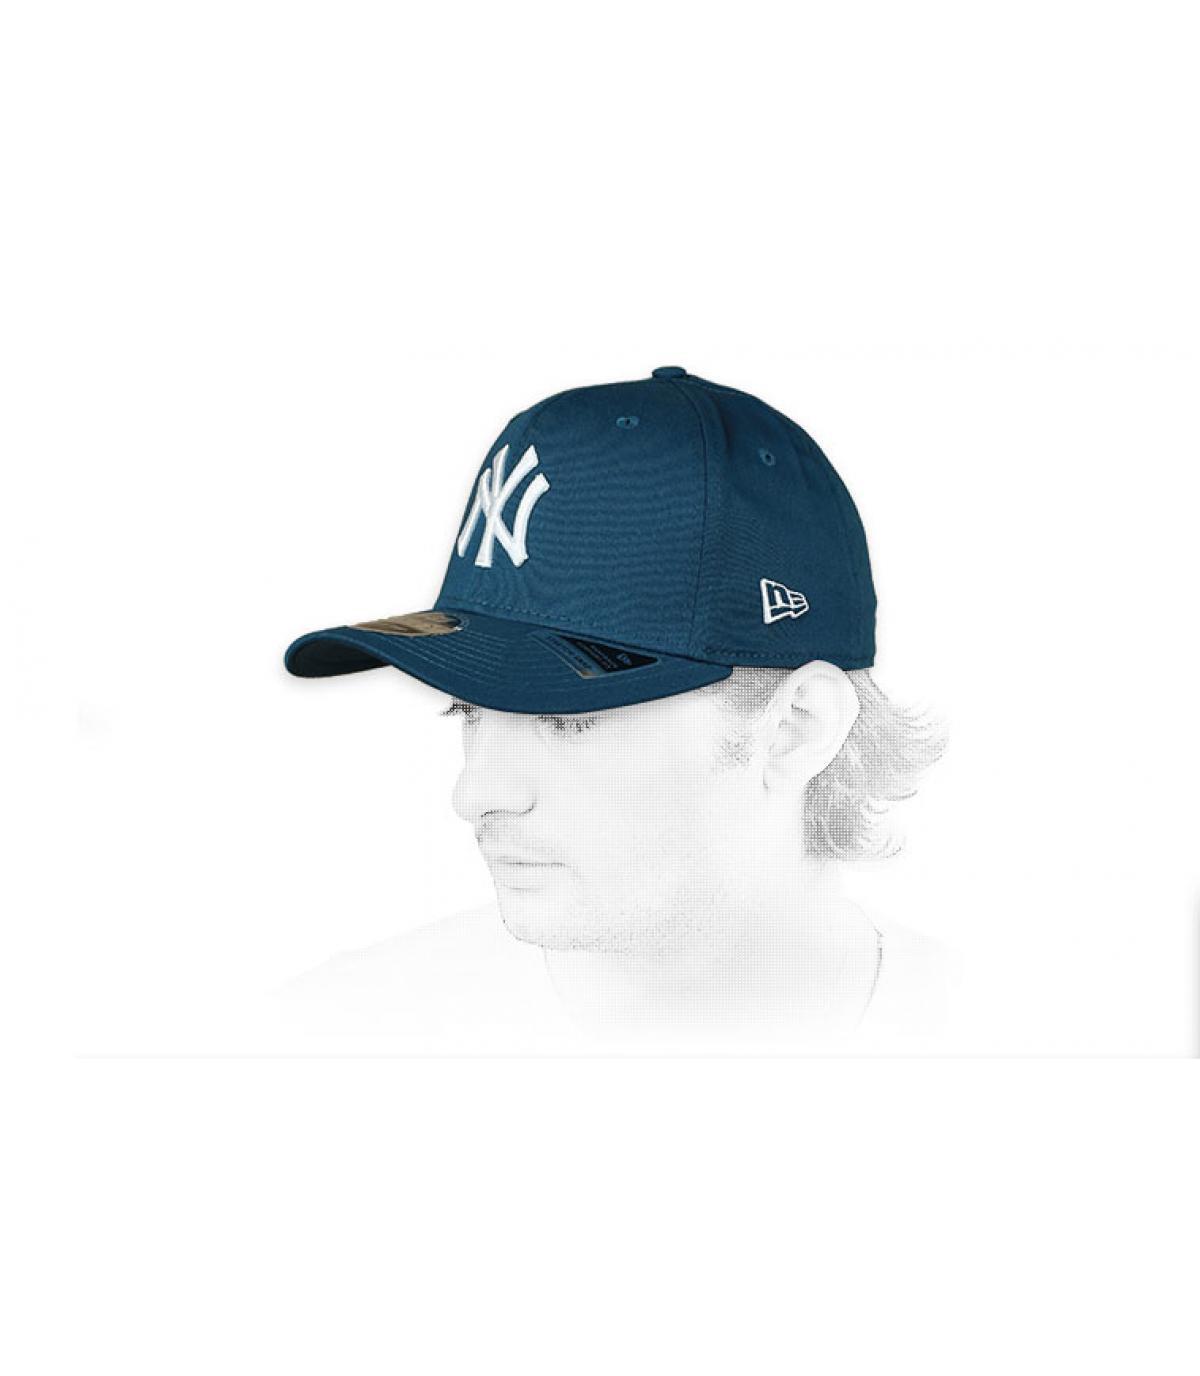 blue white NY cap